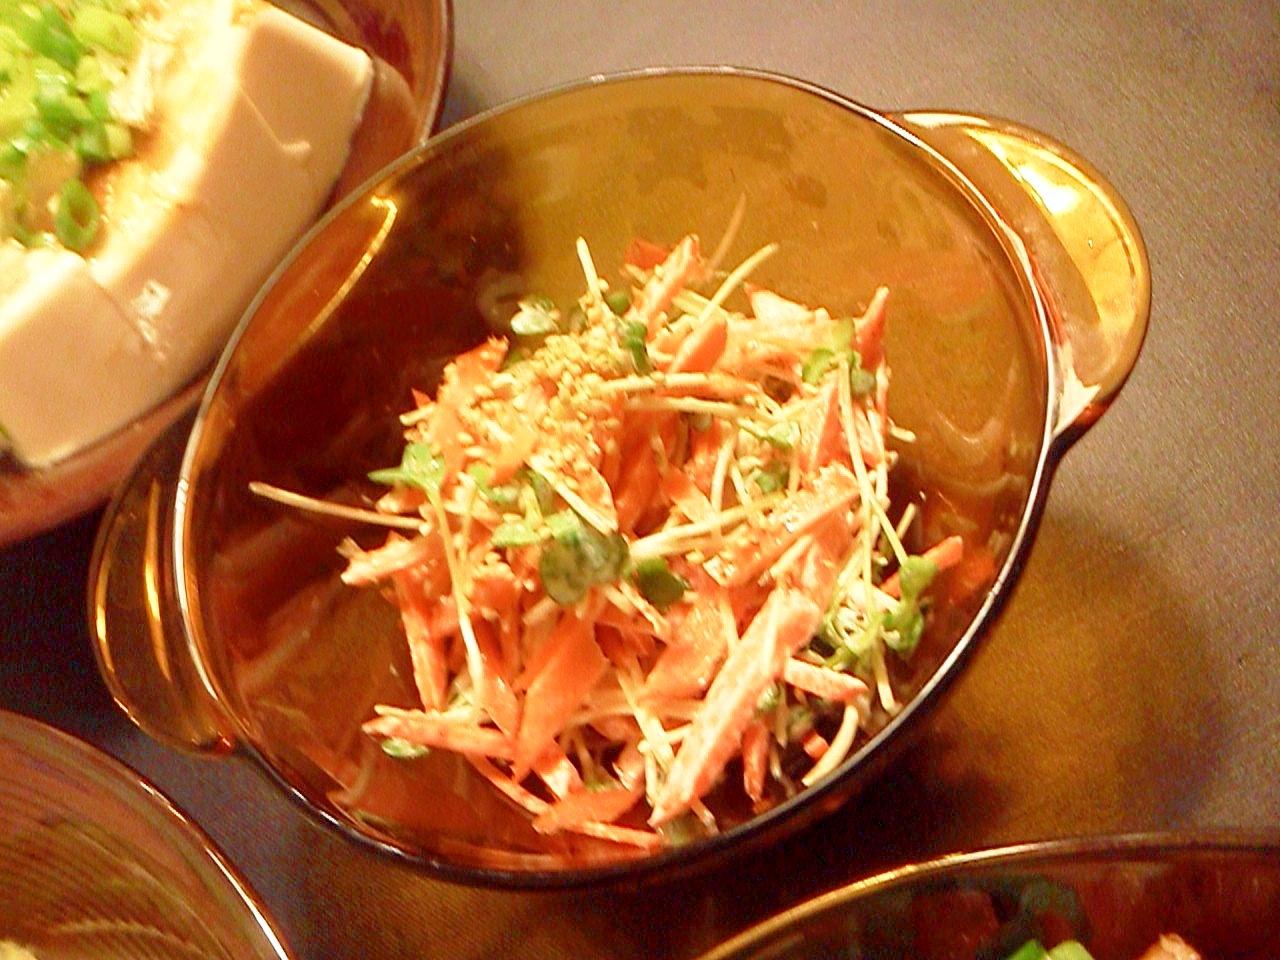 貝割れ大根と人参の生姜醤油マヨネーズ